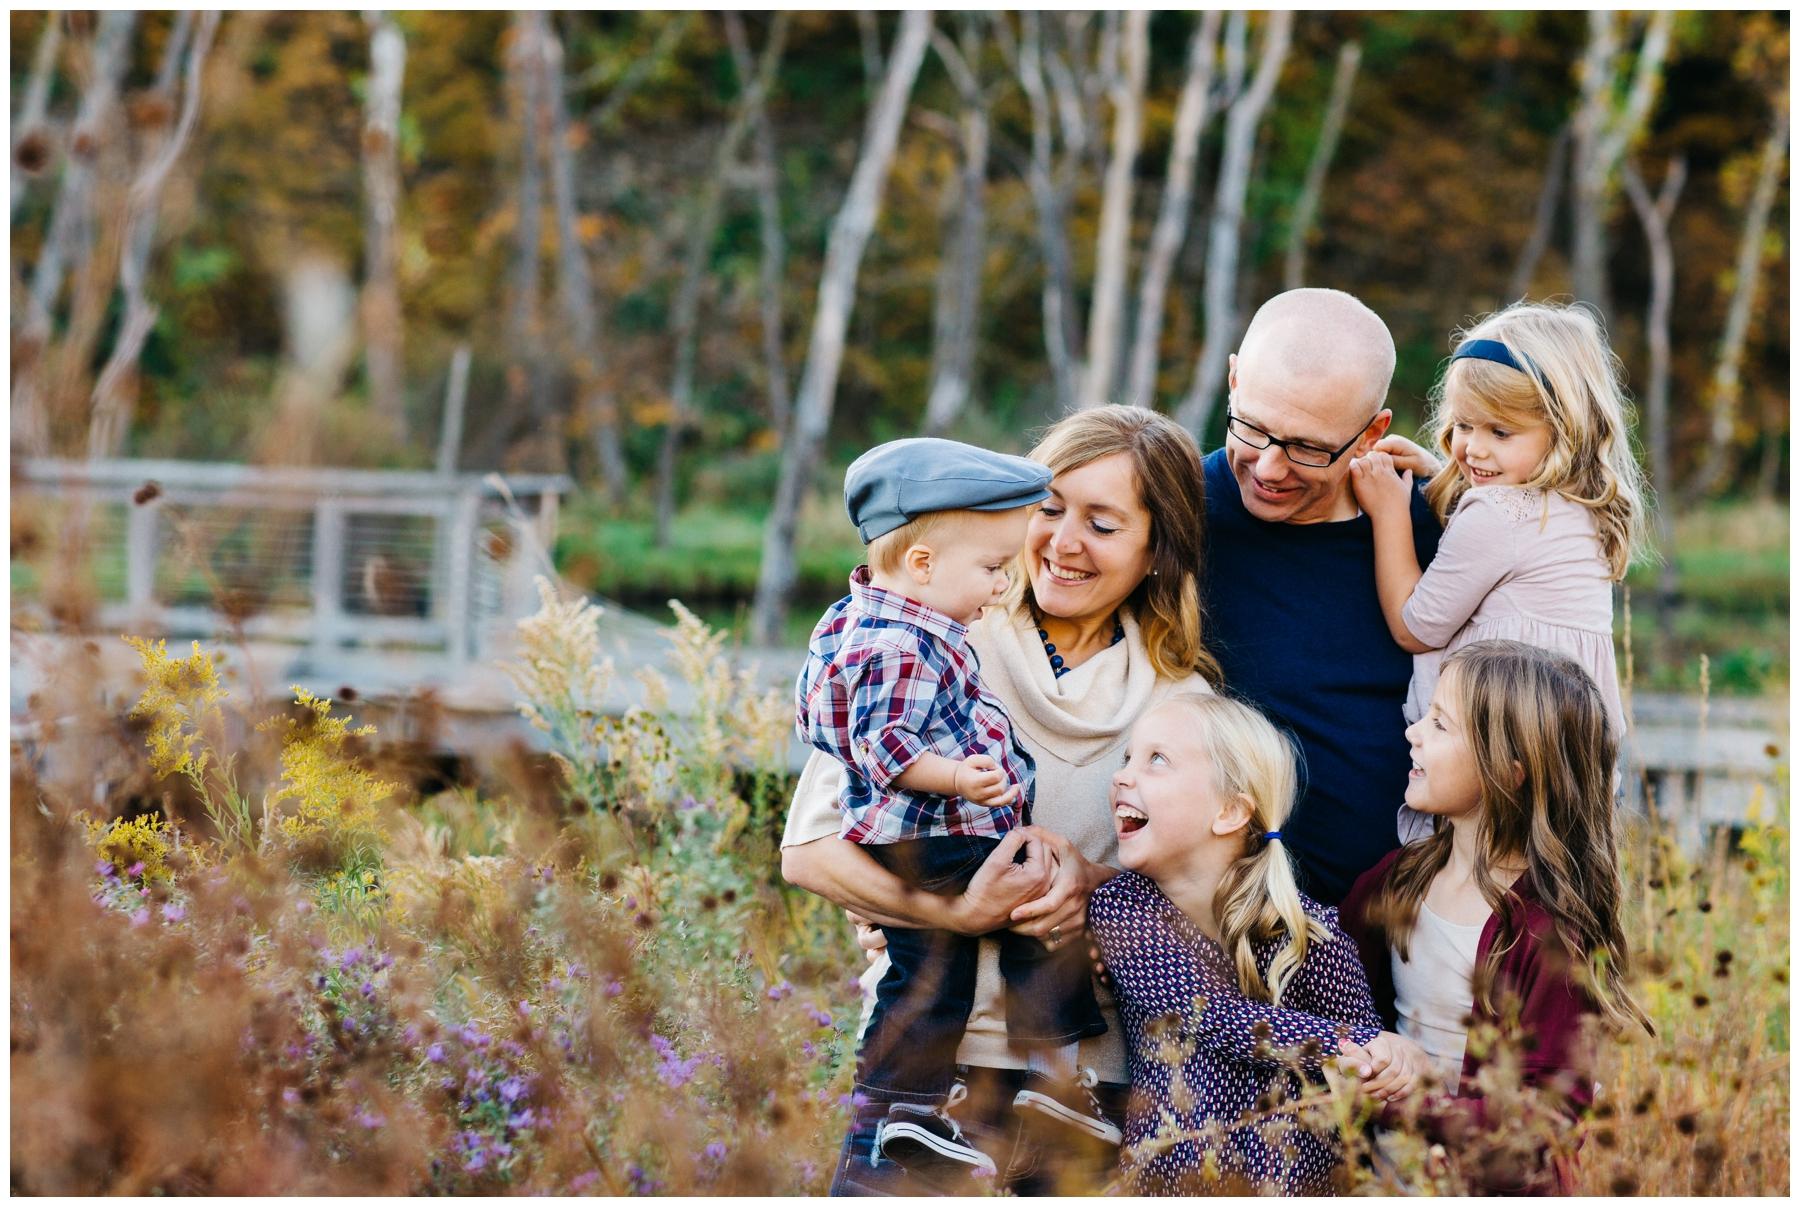 allison-corrin-kansas-city-family-photographer_0008.jpg